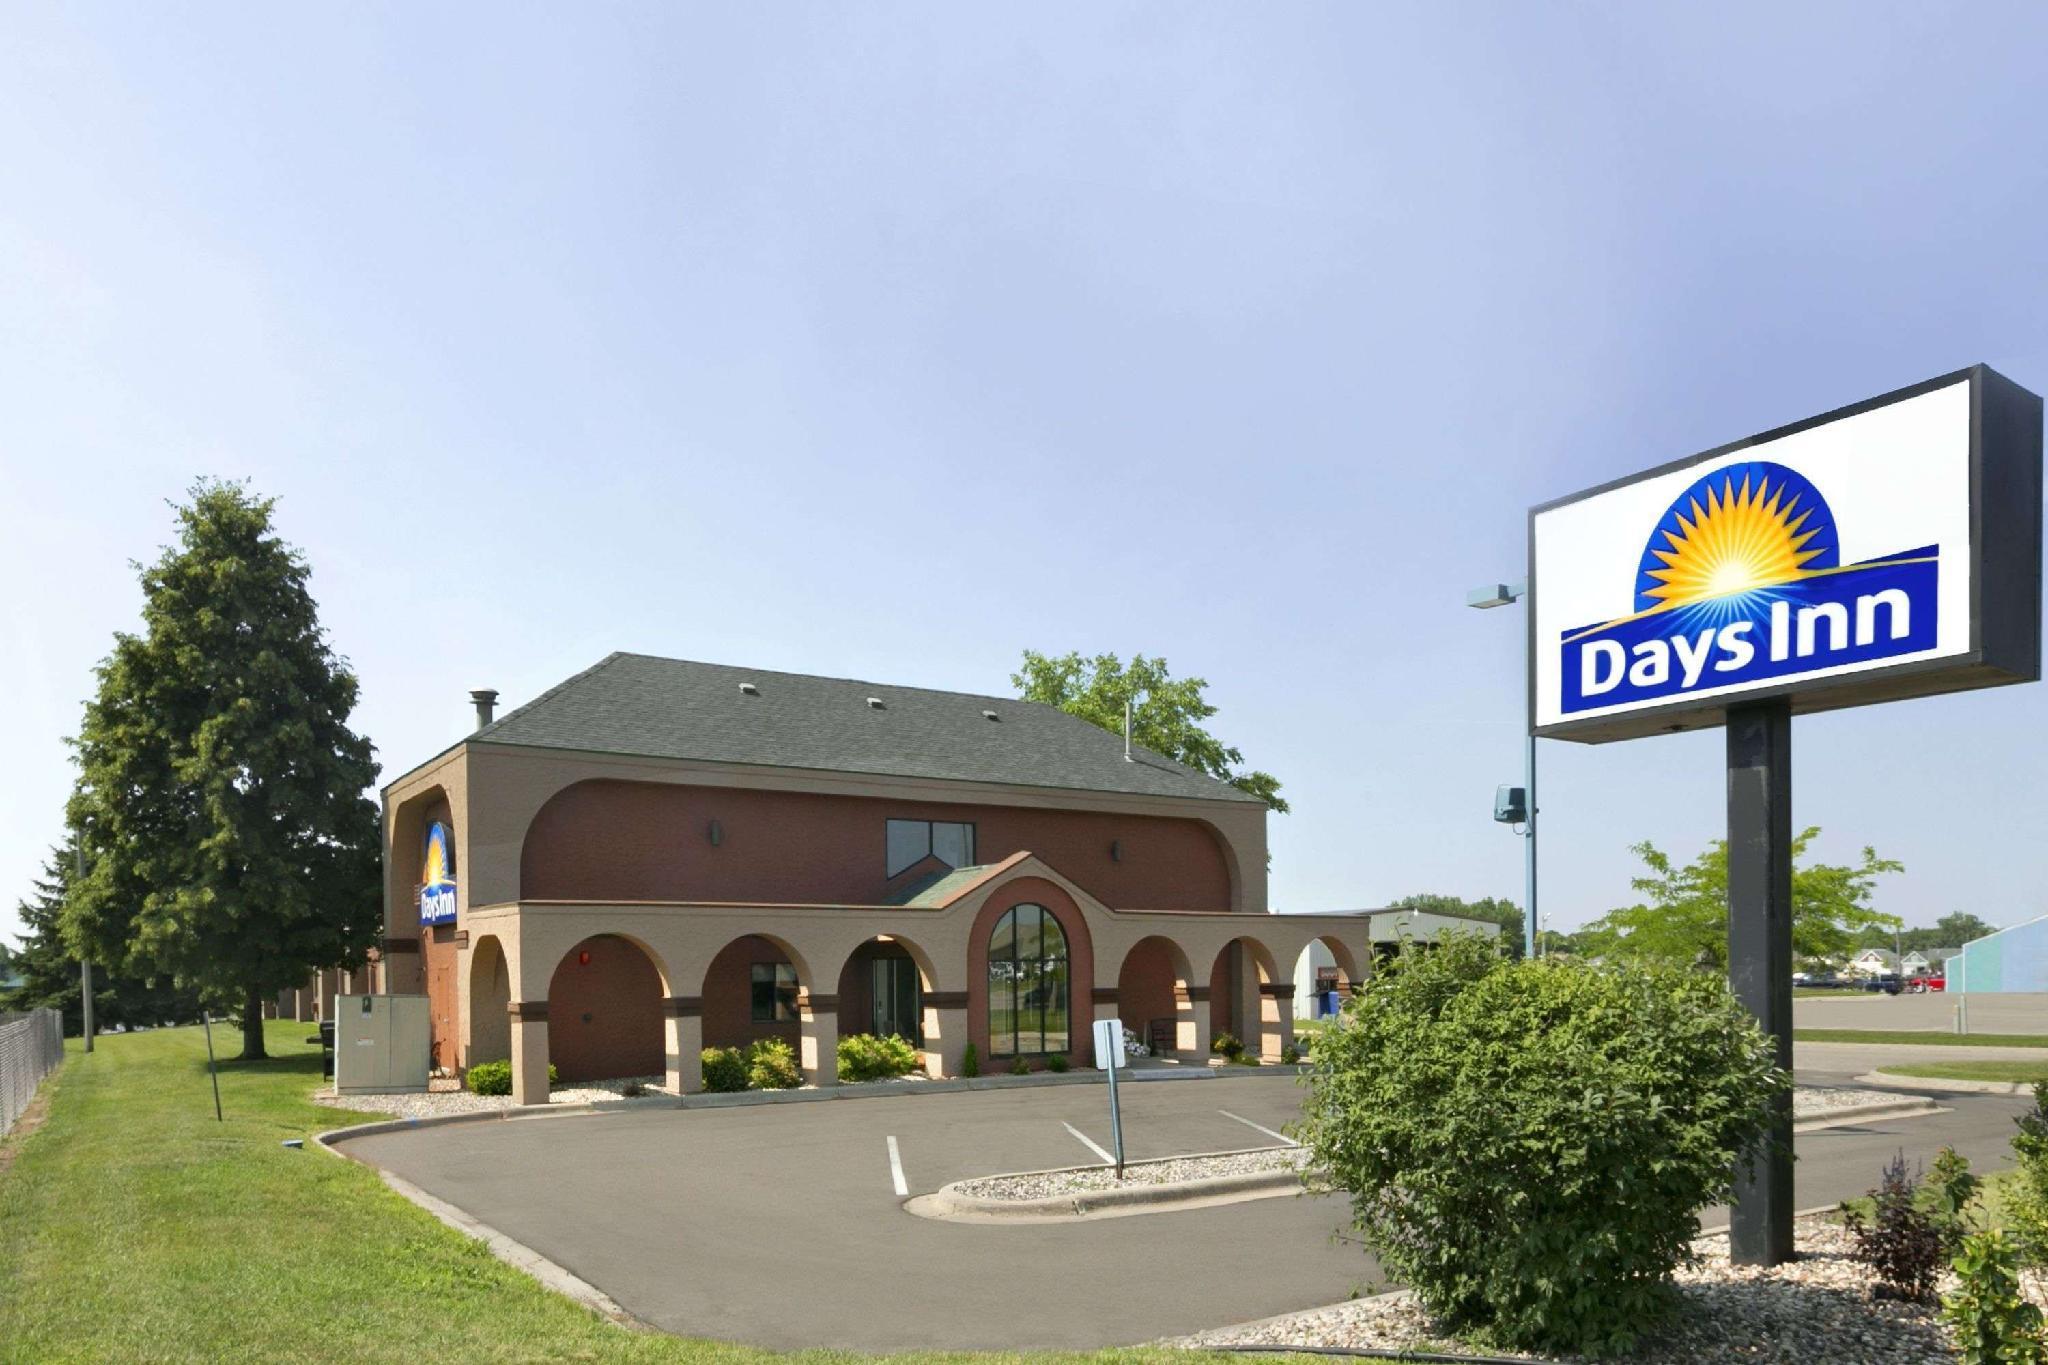 Days Inn By Wyndham Willmar